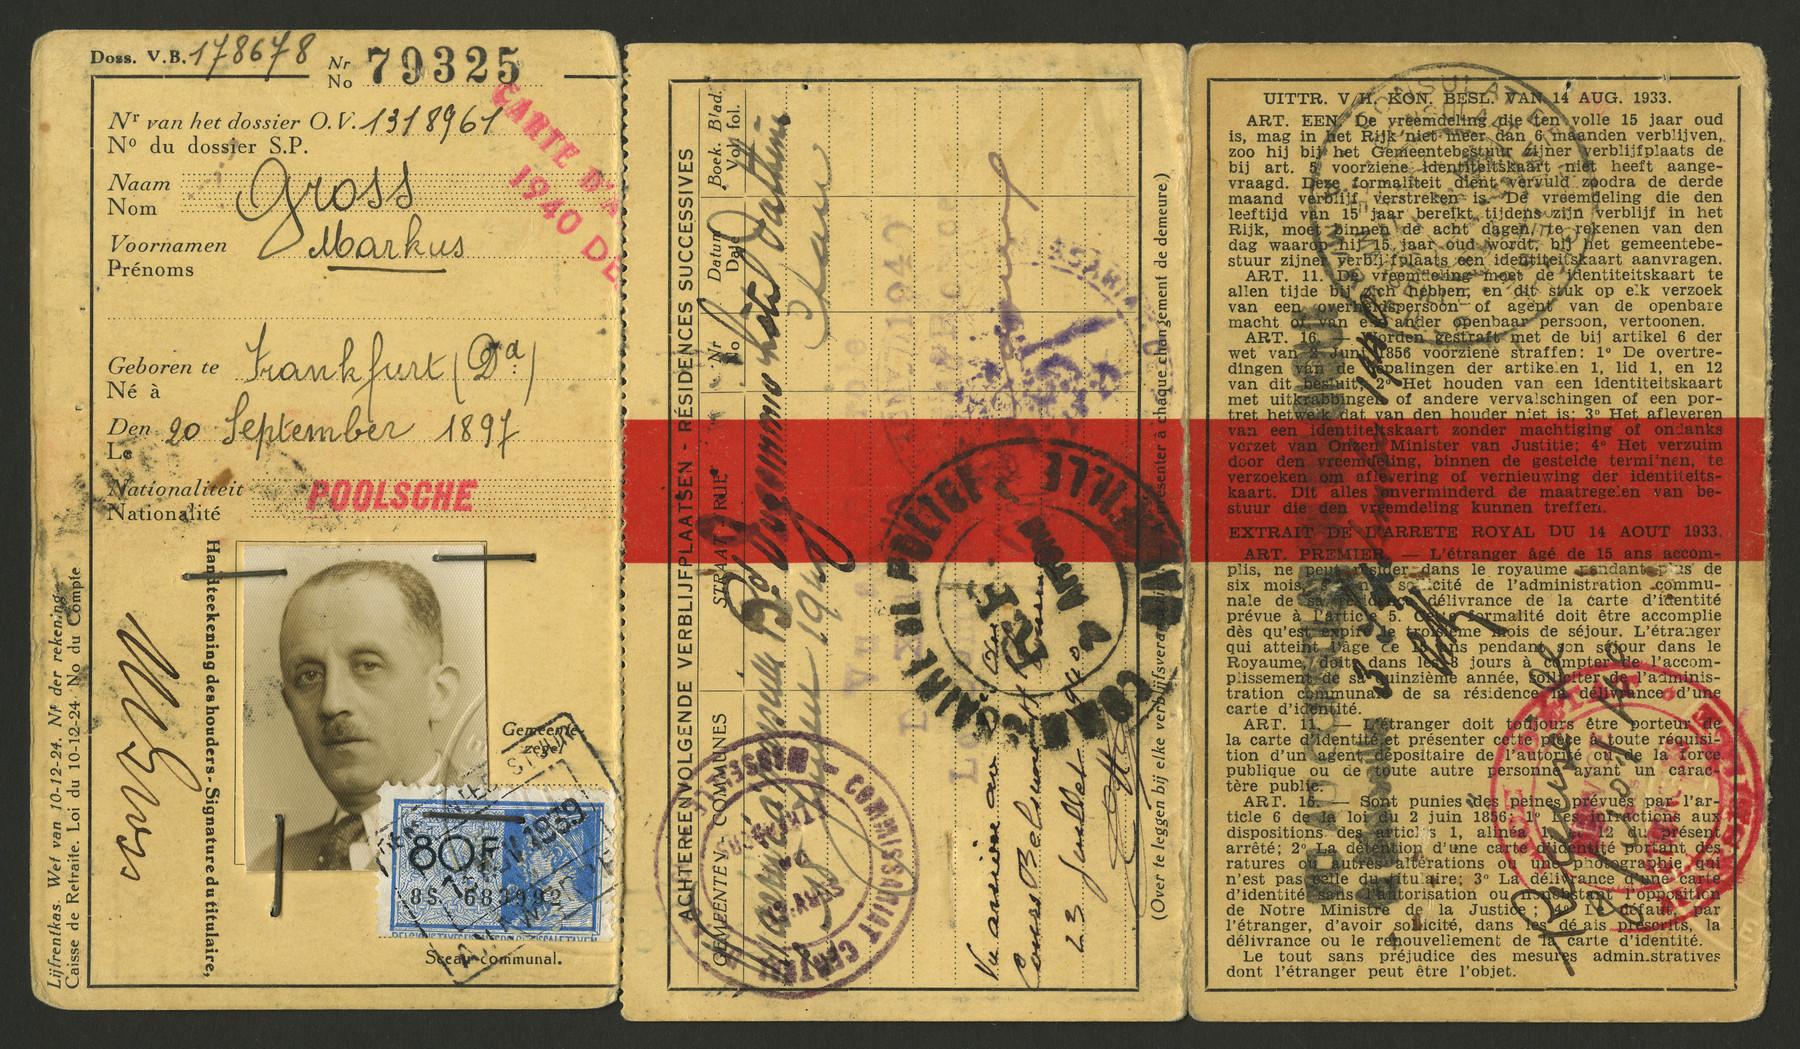 Max Gross's Belgian passport.